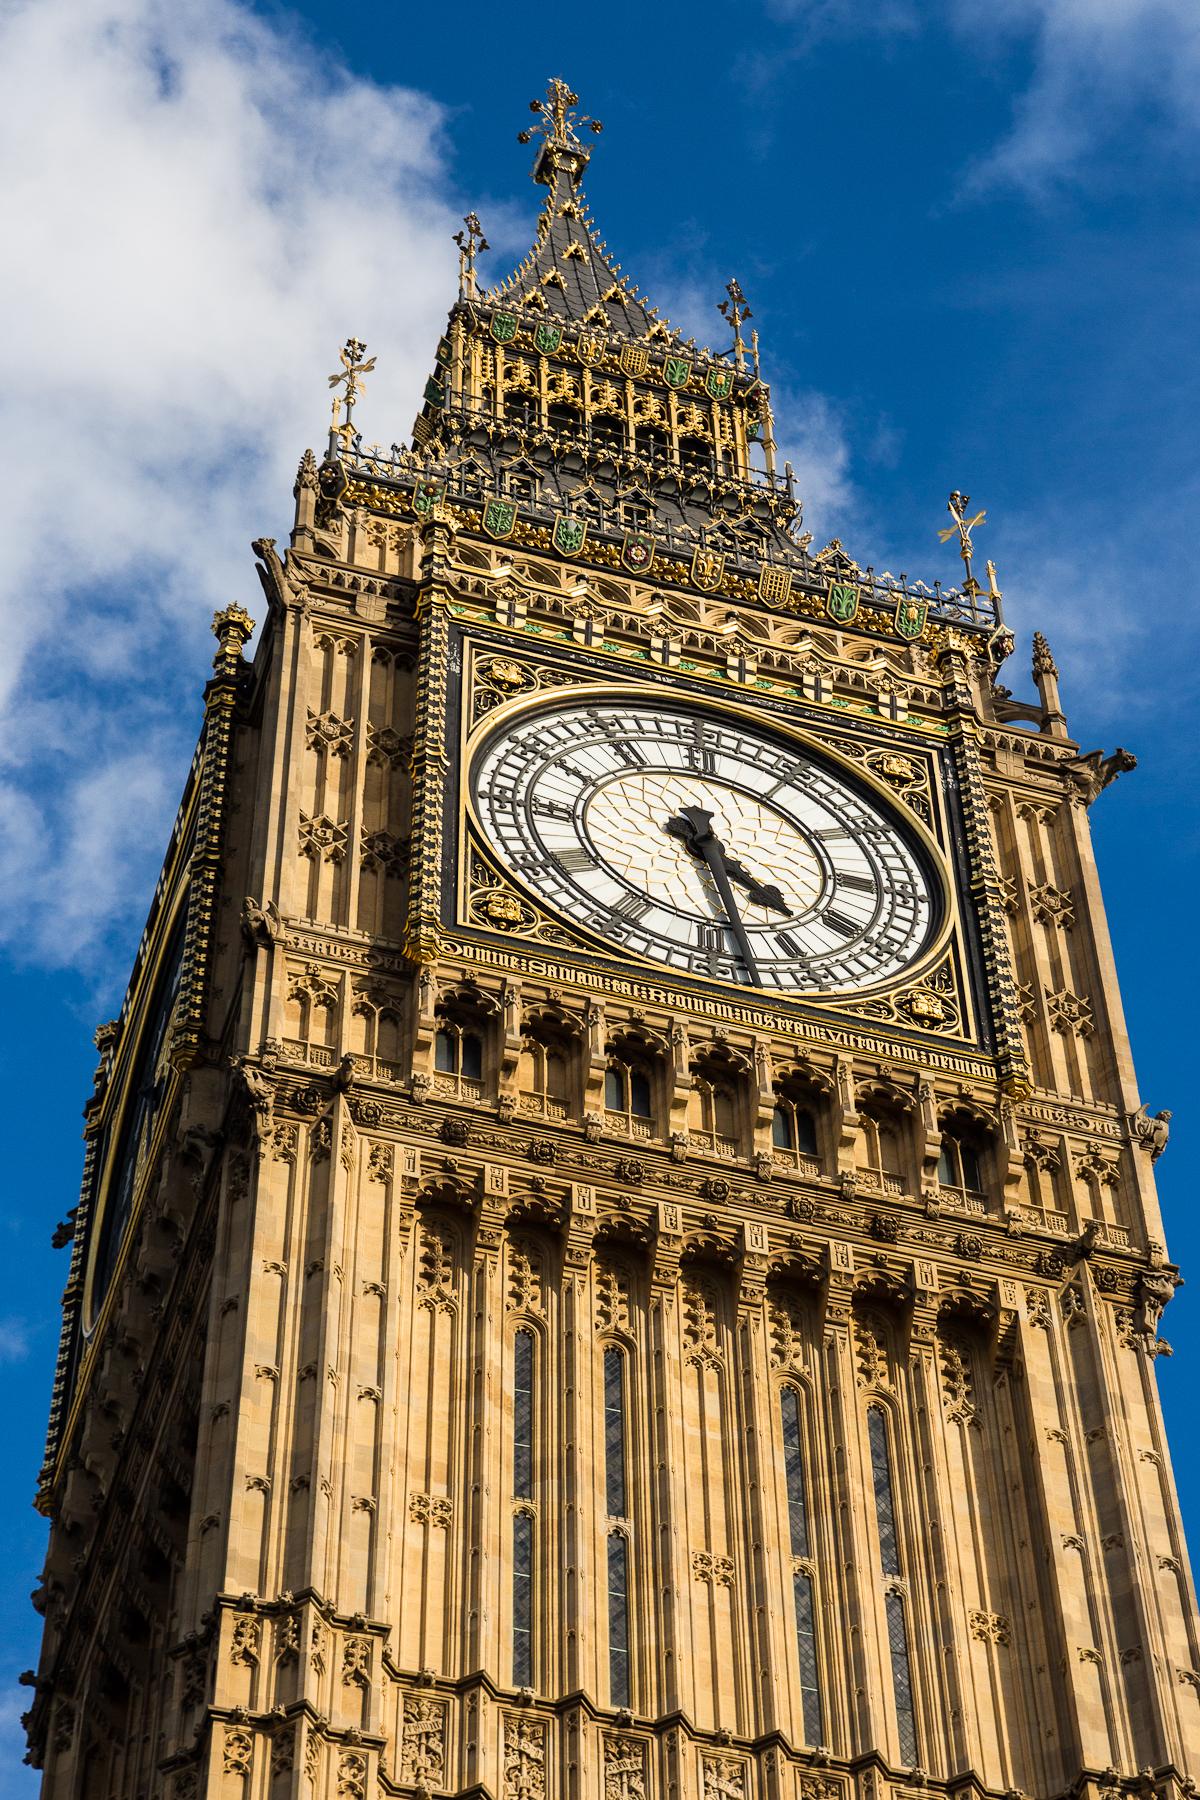 Big Ben Via @Atisgailis